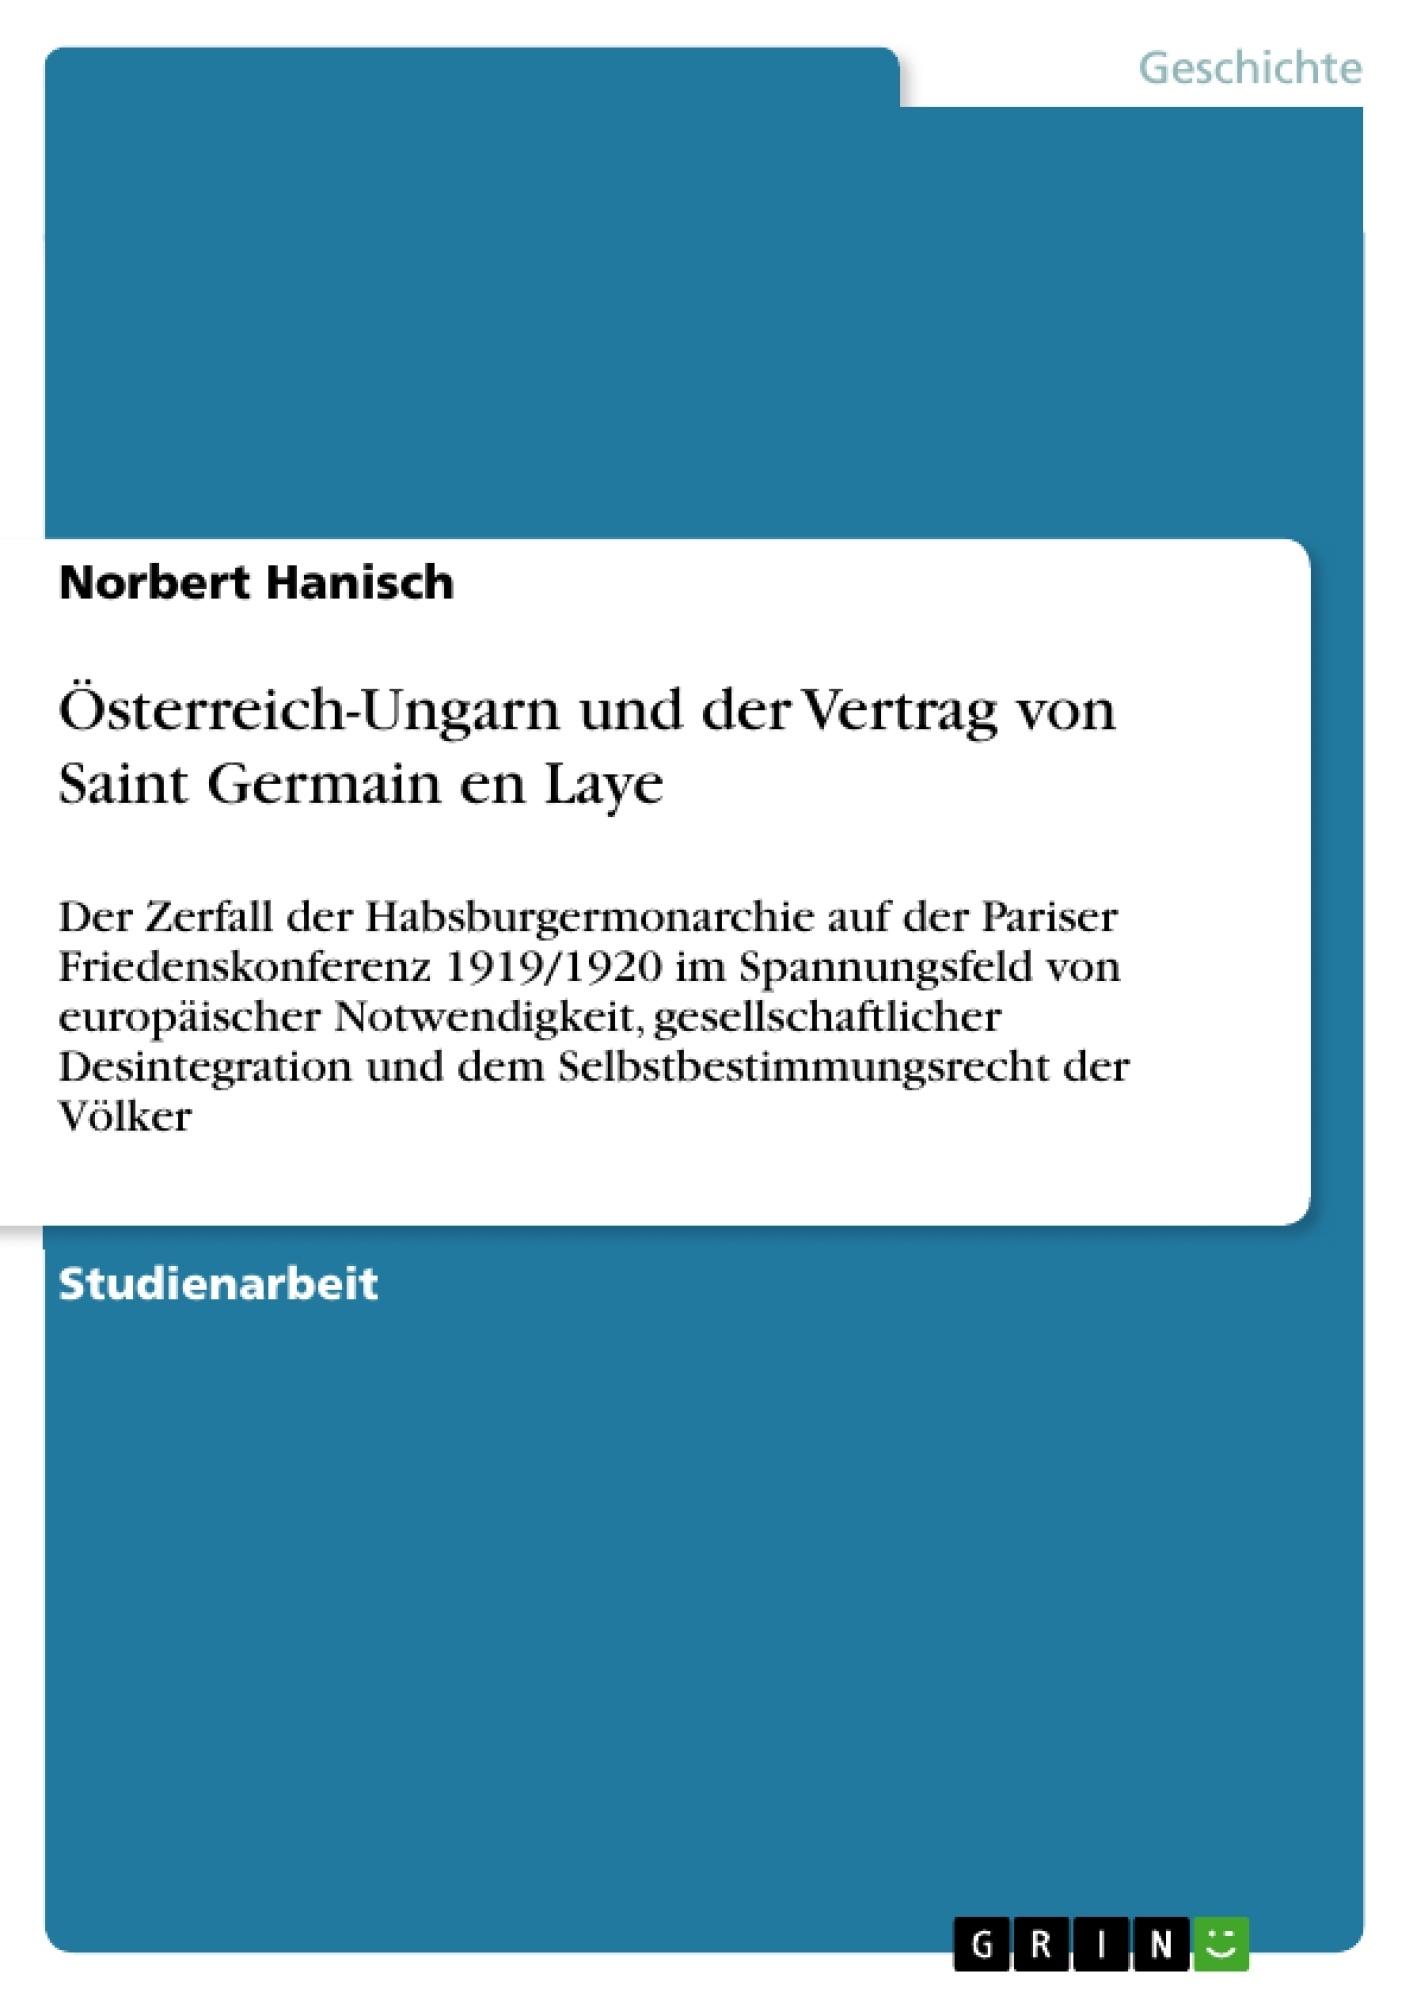 Titel: Österreich-Ungarn und der Vertrag von Saint Germain en Laye